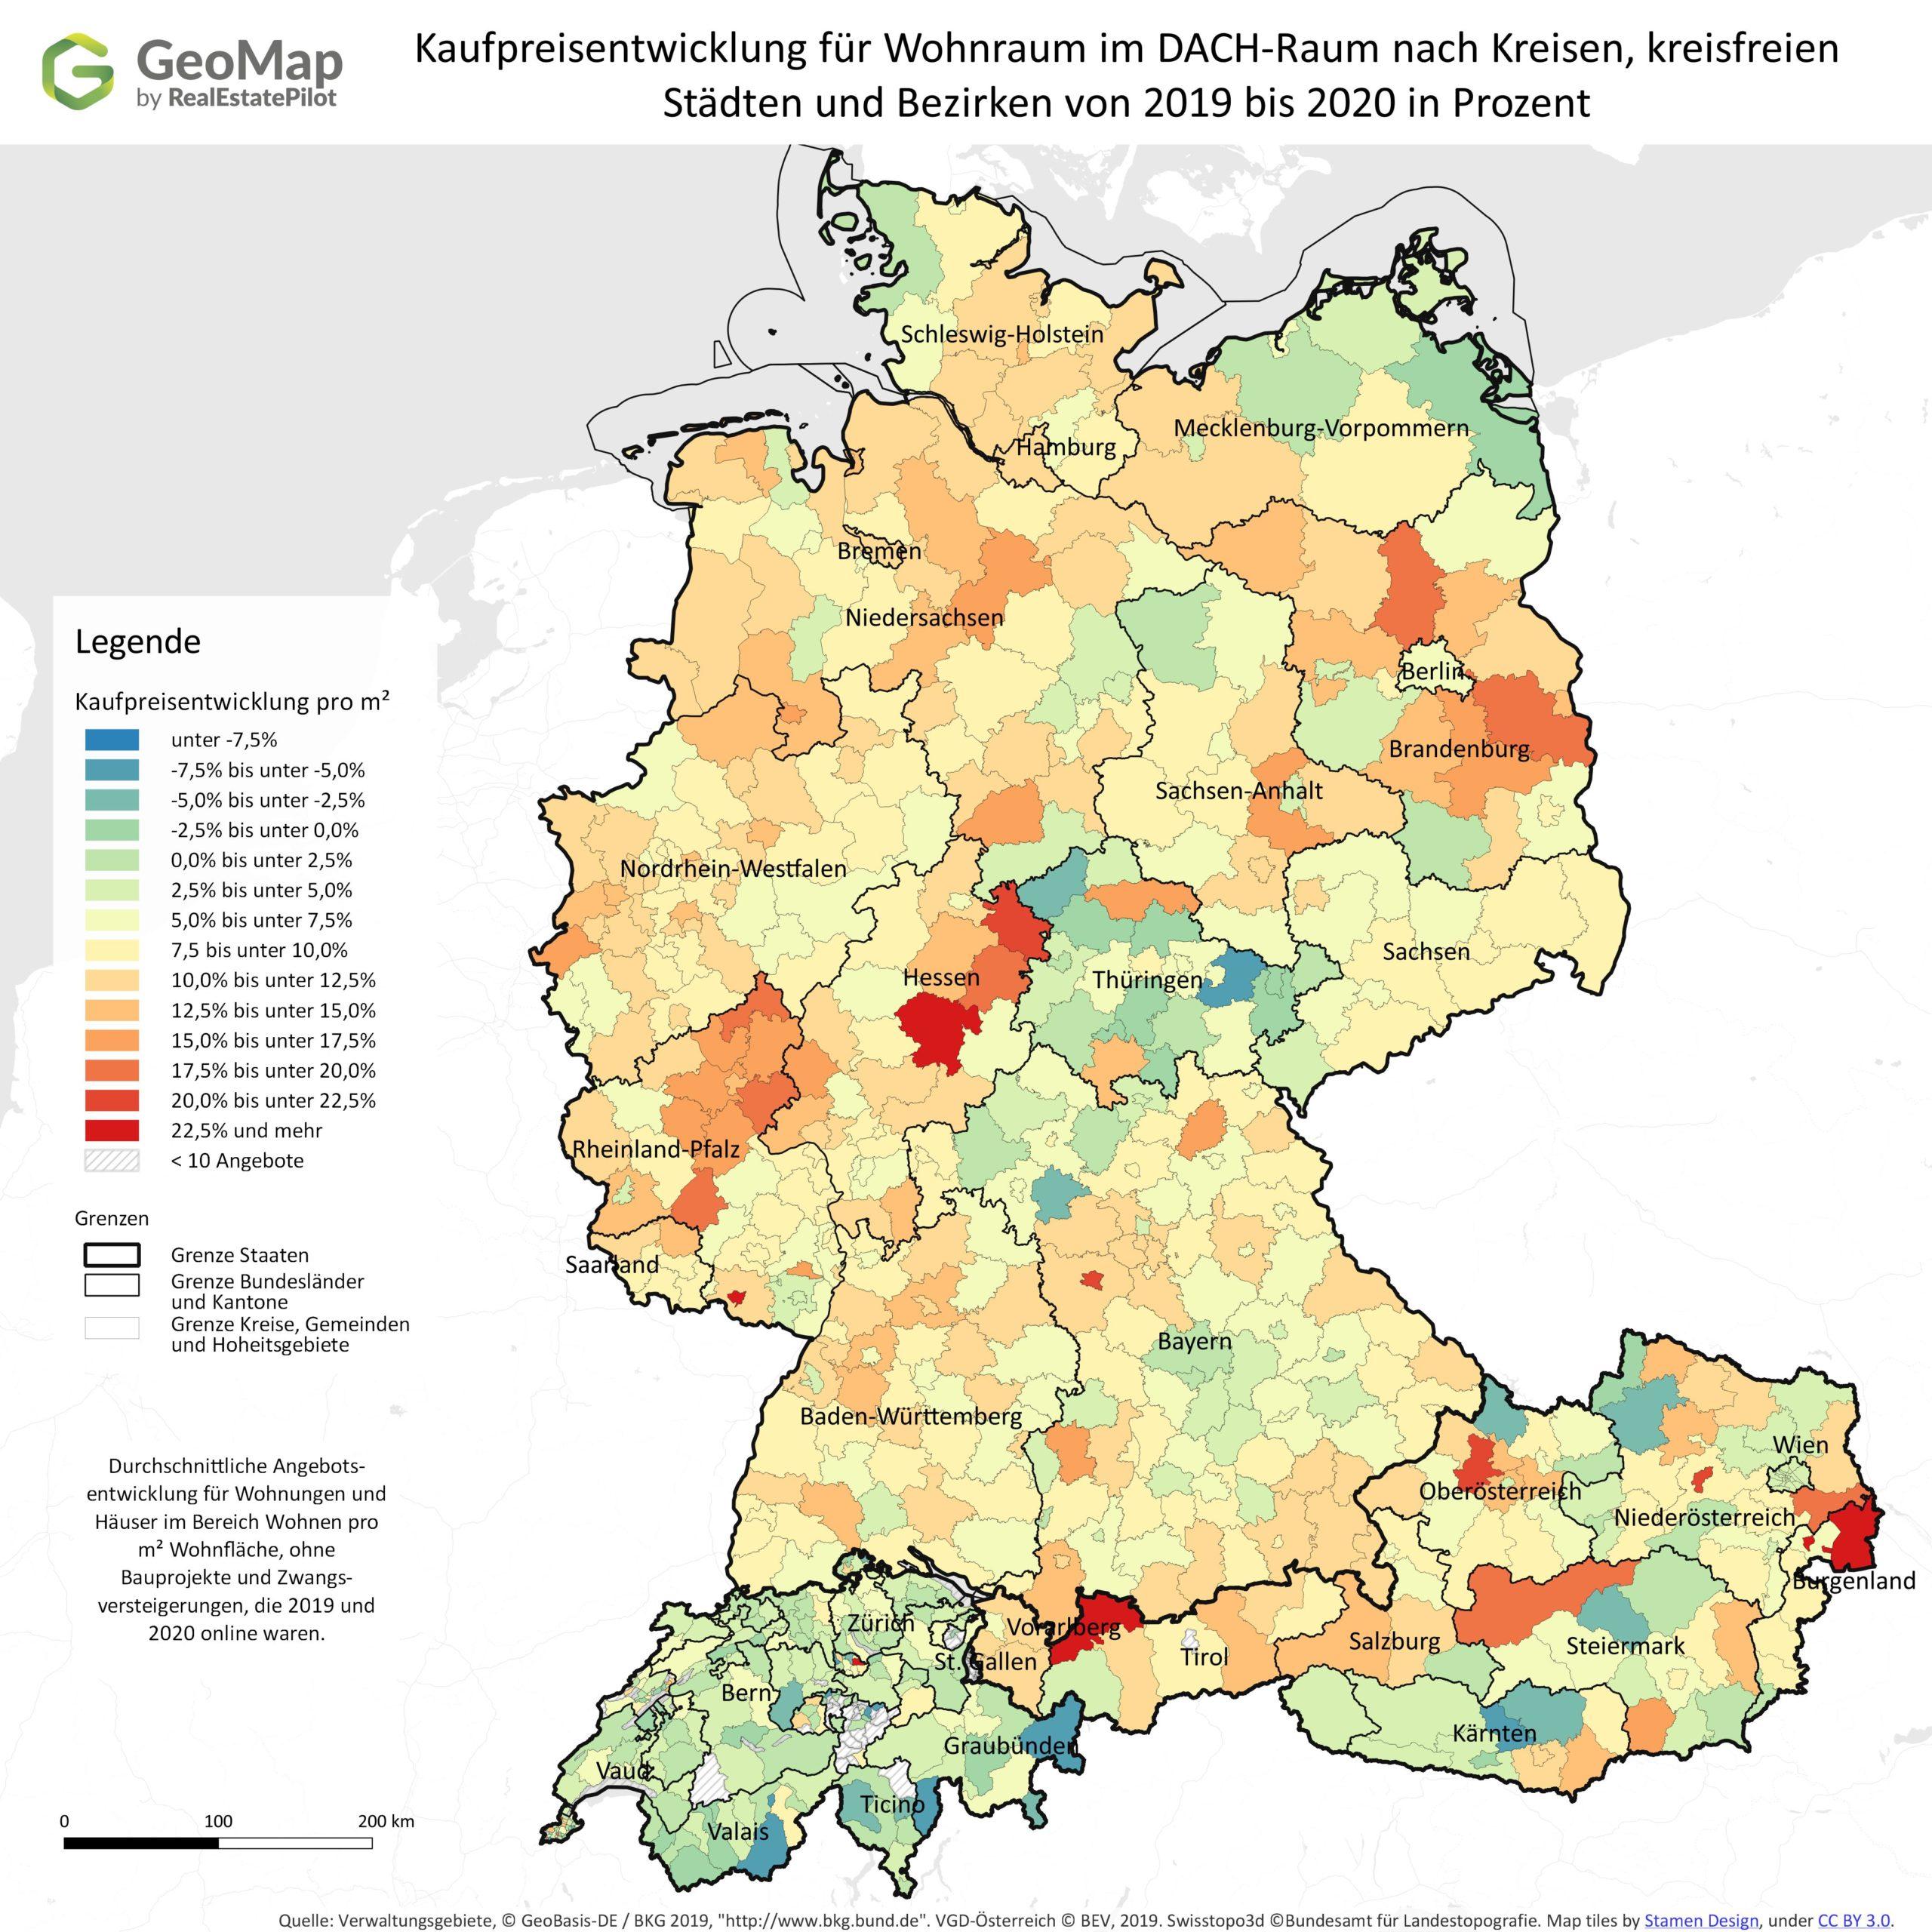 GeoMap-DACH_Kaufpreisentwicklung